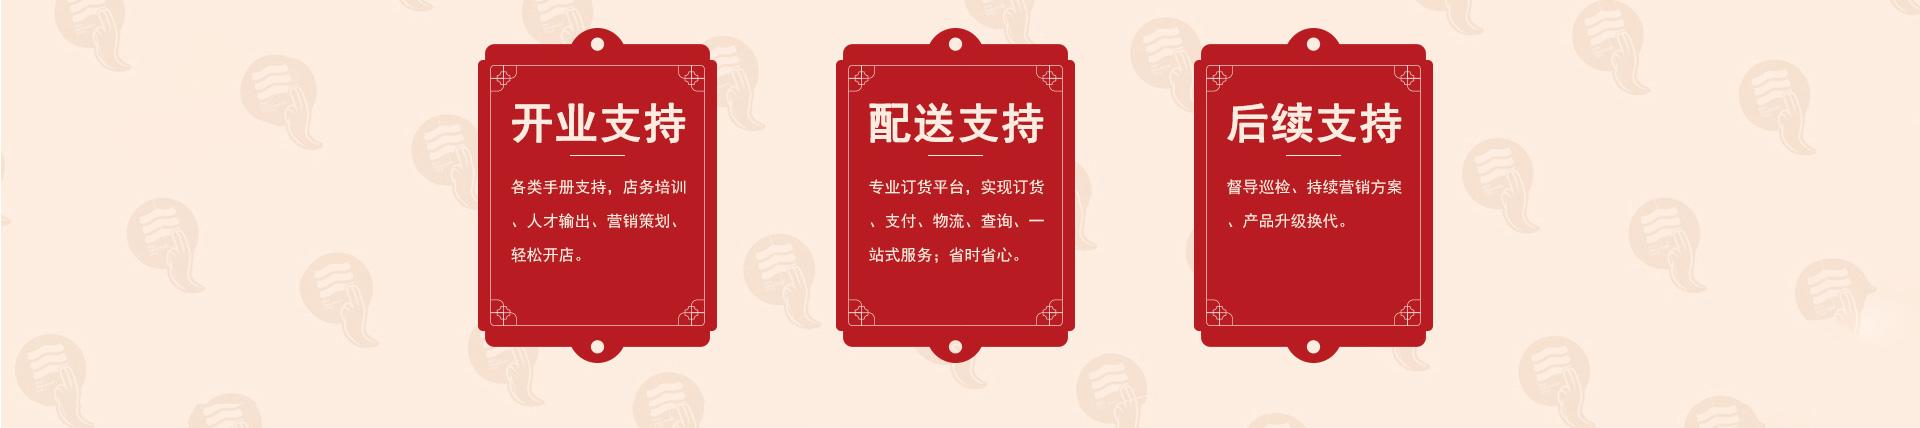 辣叁成燒菜火鍋lsc_14